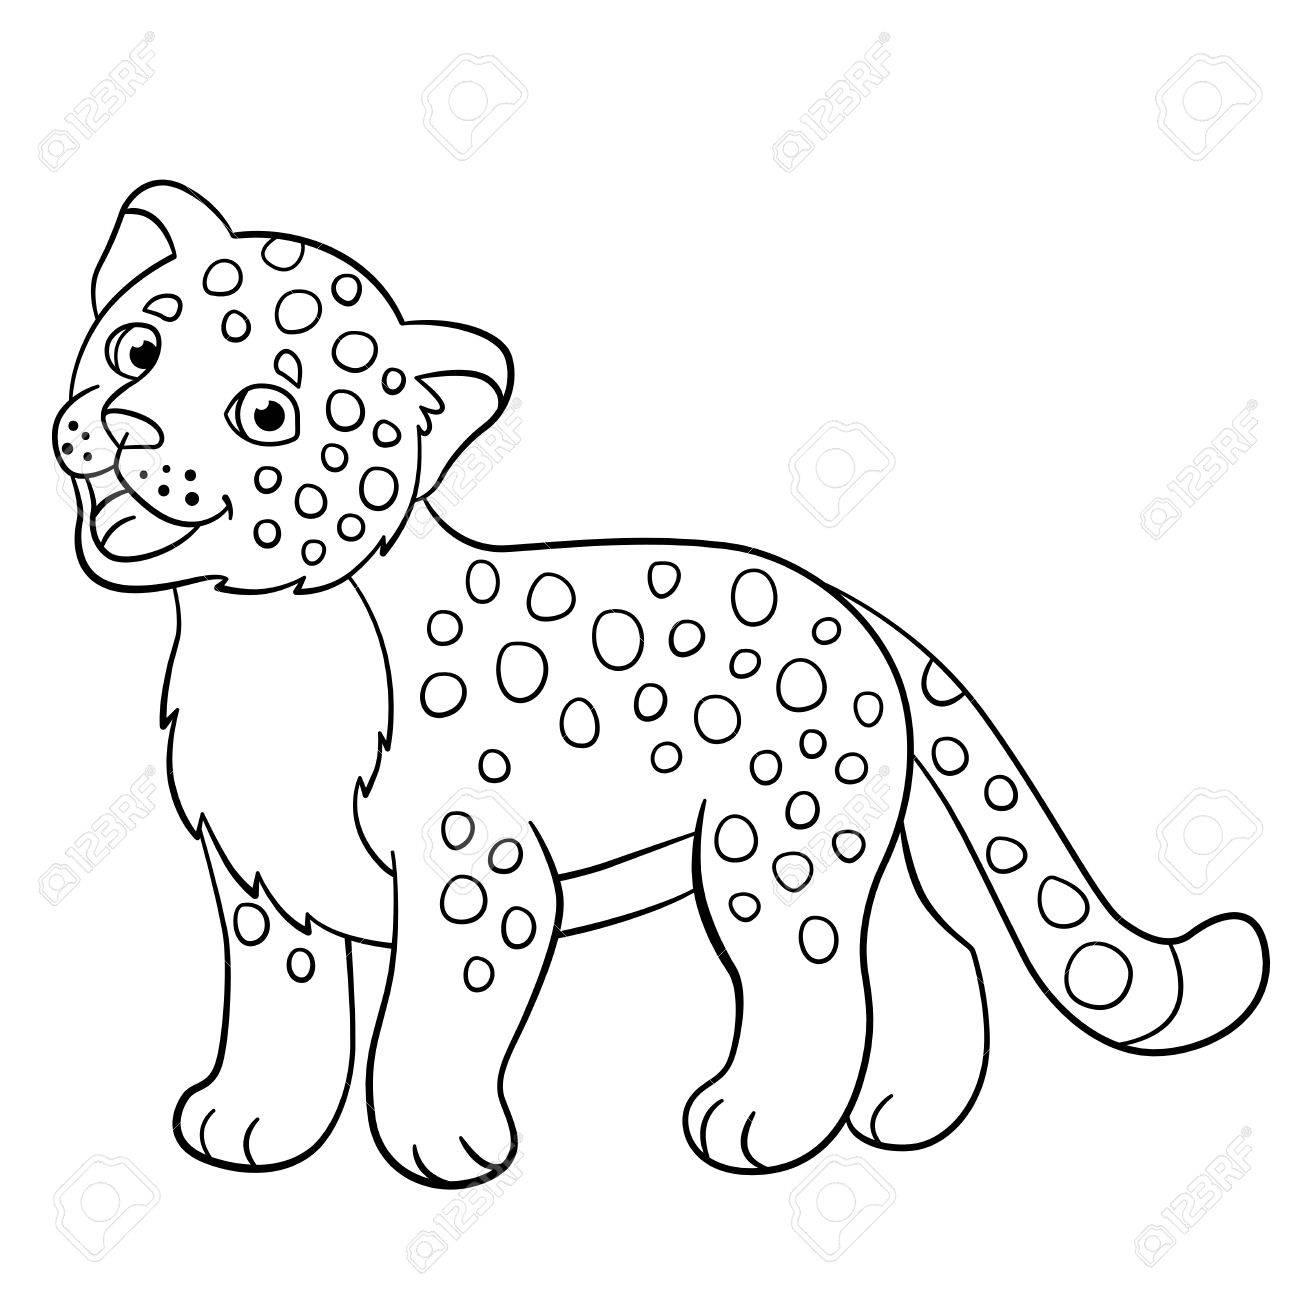 Páginas Para Colorear El Pequeño Bebé Jaguar Manchado Lindo Sonríe